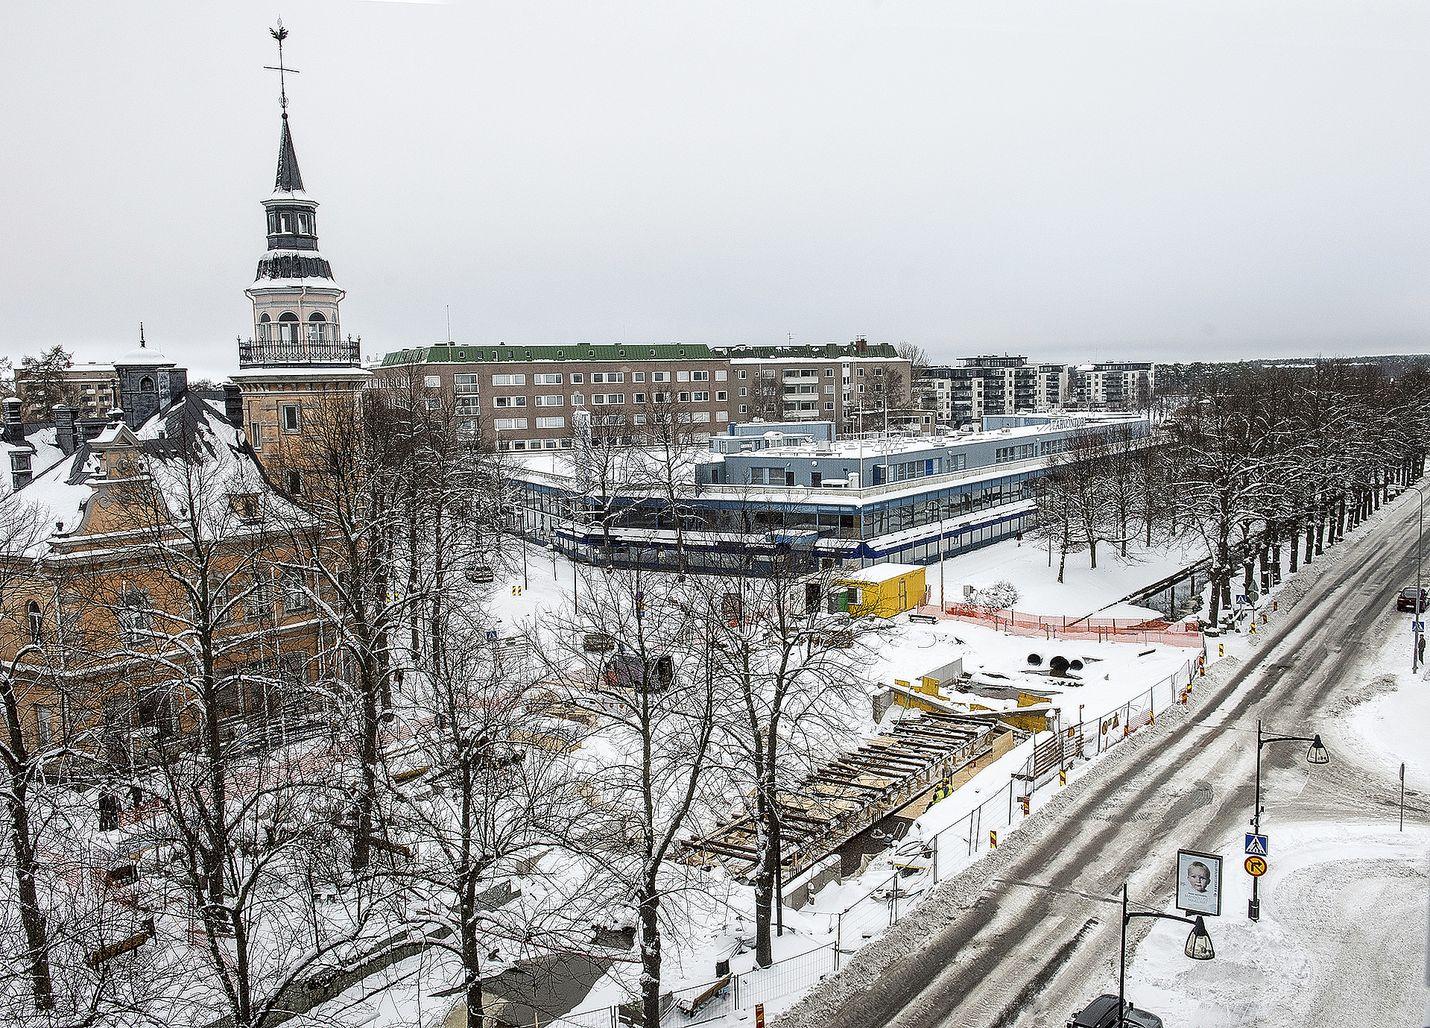 Rauman Kanalin länsirantaa koskeva asemakaavamuutos etenee takkuillen, koska päätöksenteossa on tapahtunut menettelyvirhe.